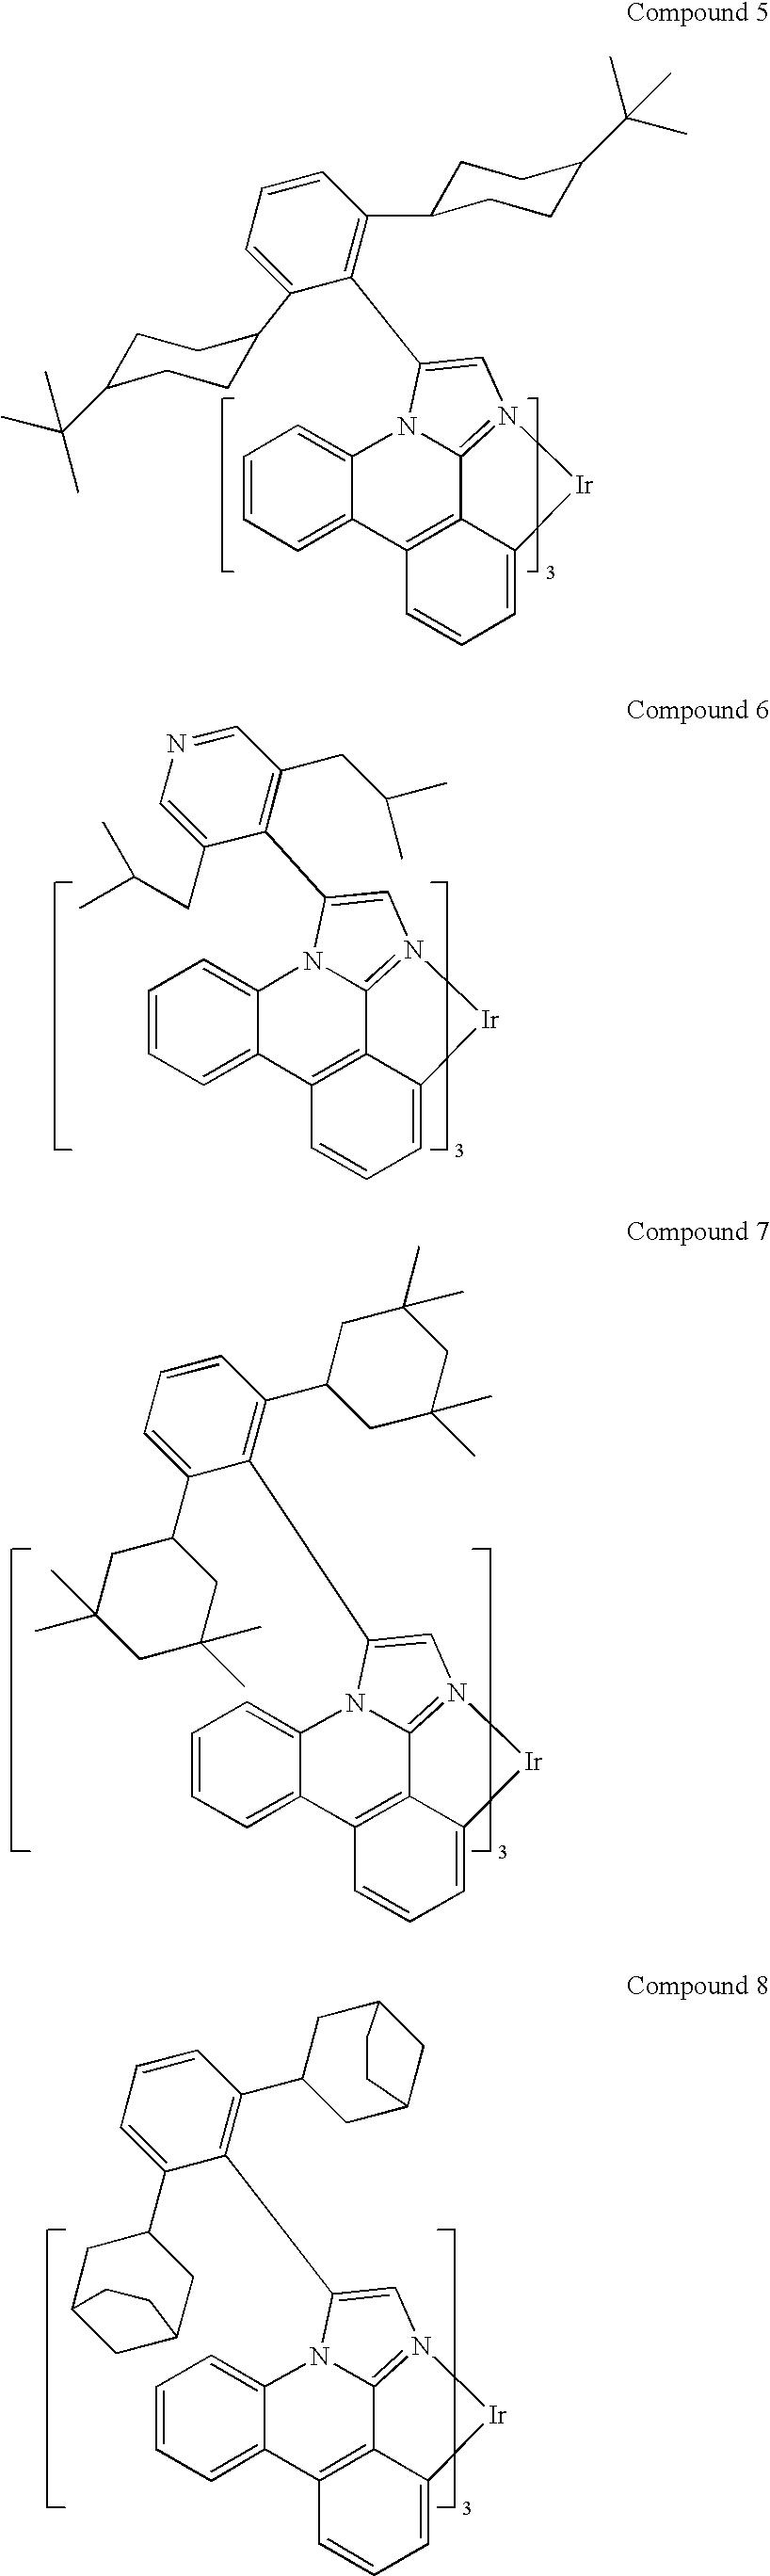 Figure US20100148663A1-20100617-C00163